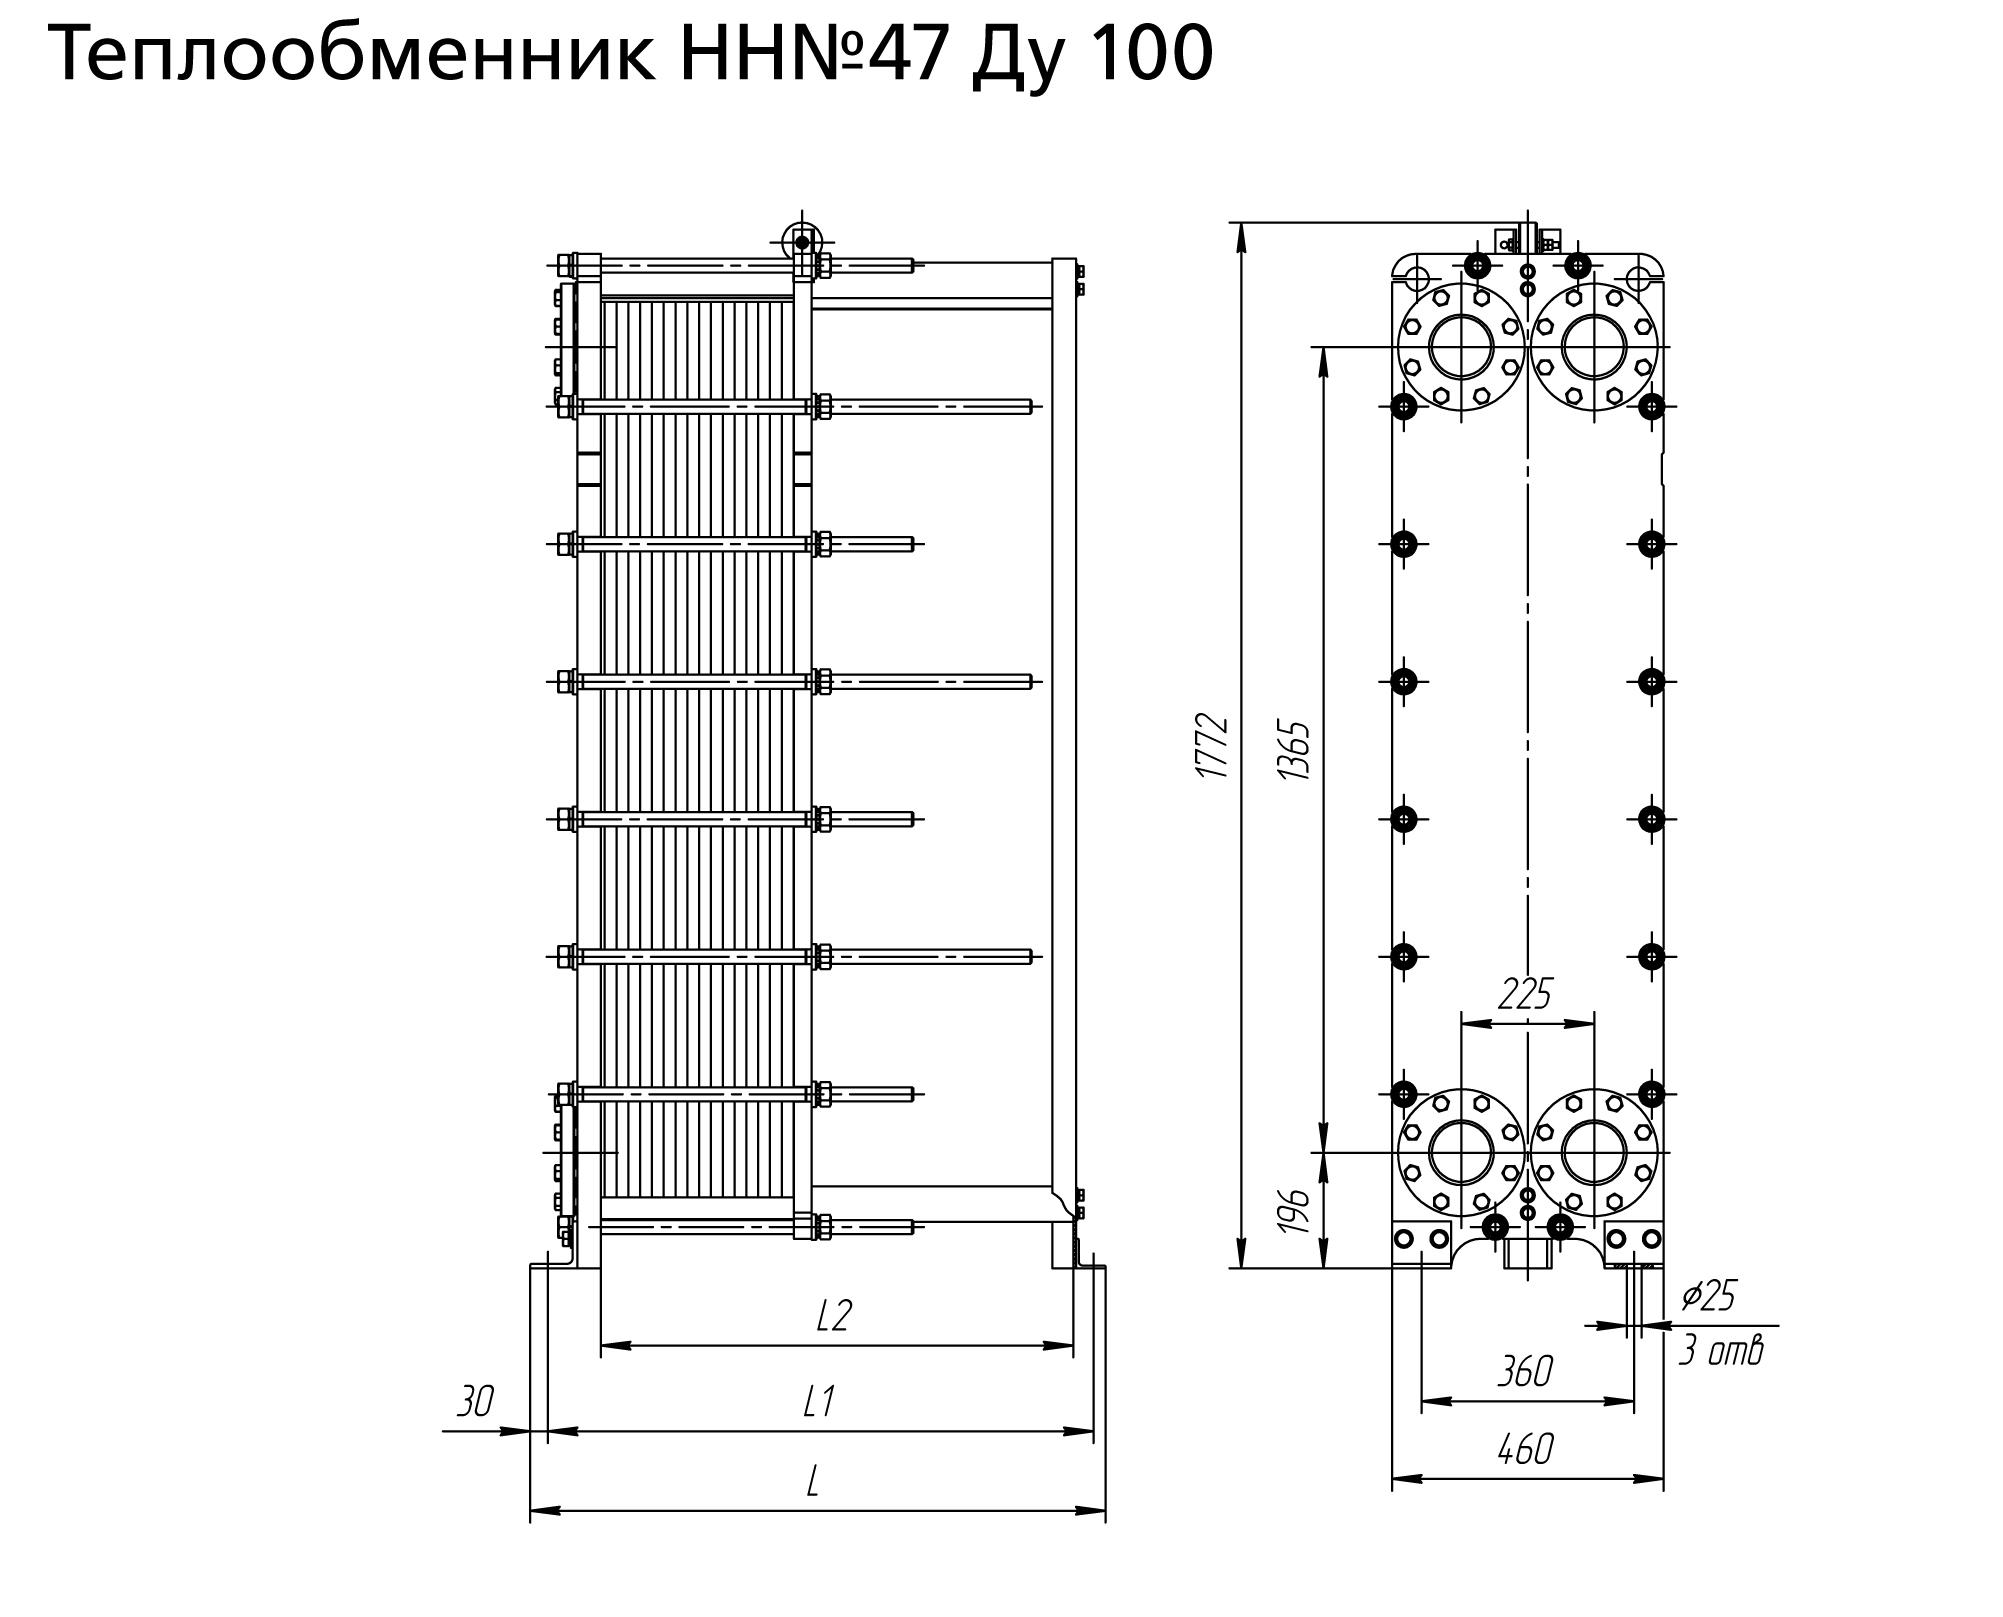 Цена на теплообменник ридан нн47 теплообменник техническая охлаждение